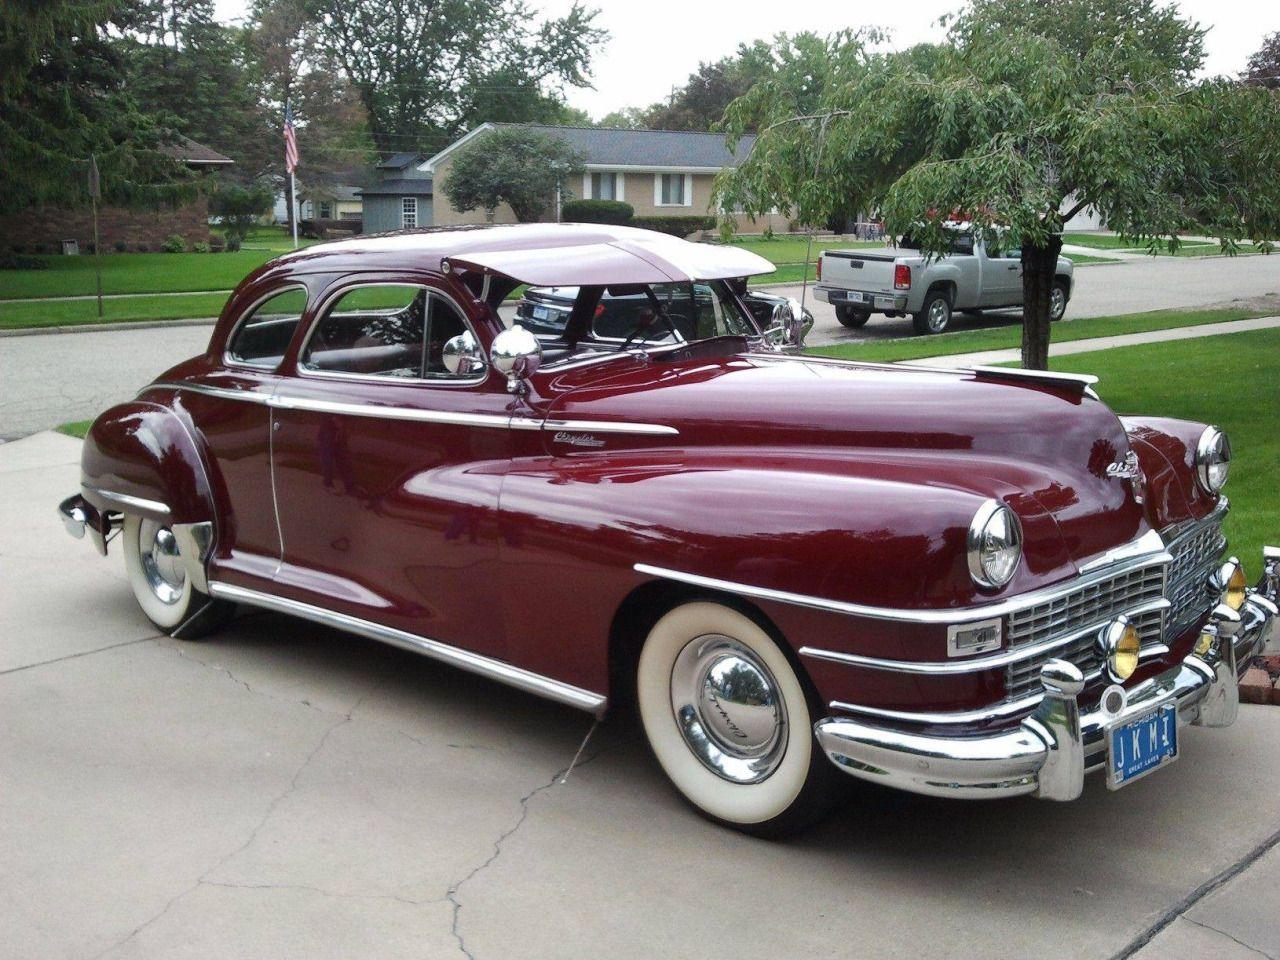 Chrysler Windsor 1947 - 40s & 50s American Cars. | Cars | Pinterest ...